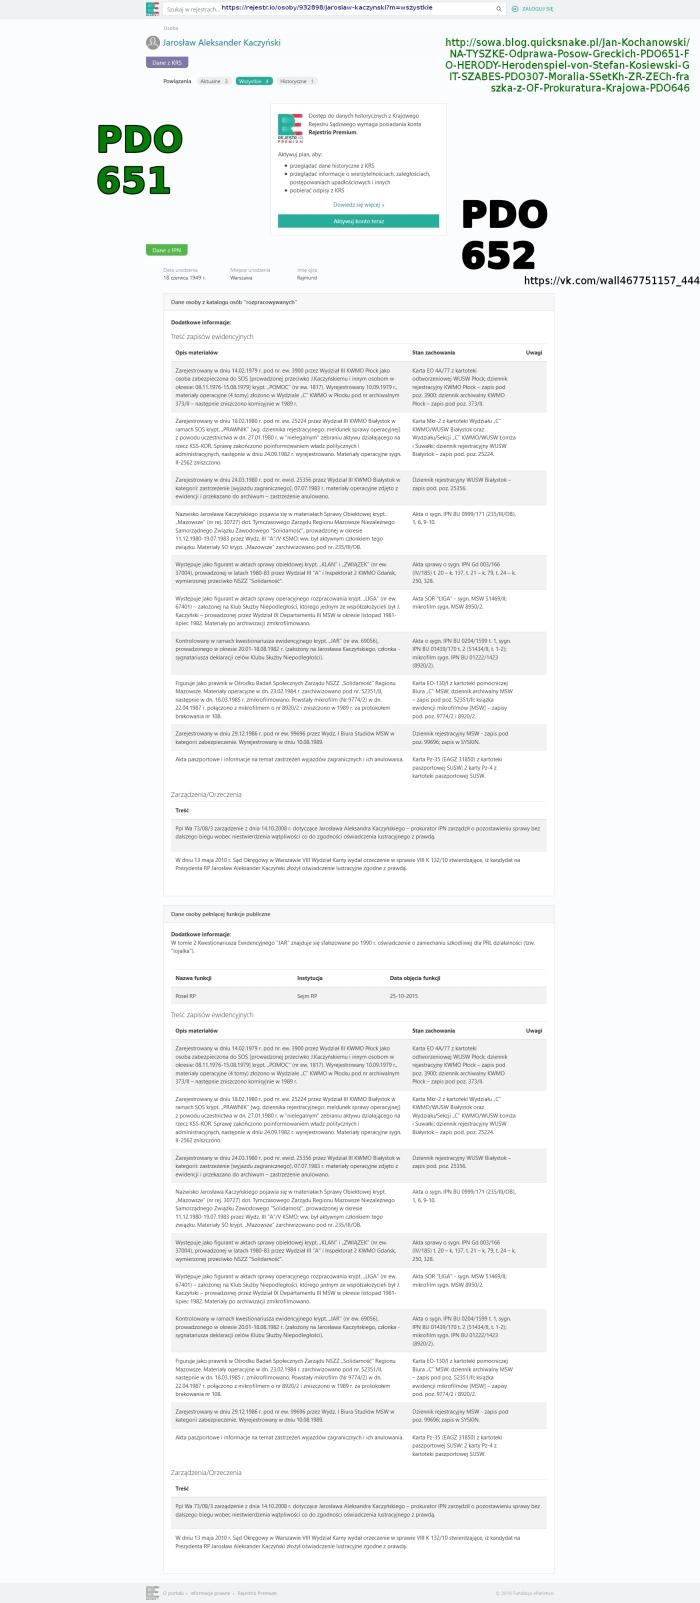 ALEKSANDER Screenshot_2019-02-16 Jarosław Aleksander Kaczyński Rejestr io(1)